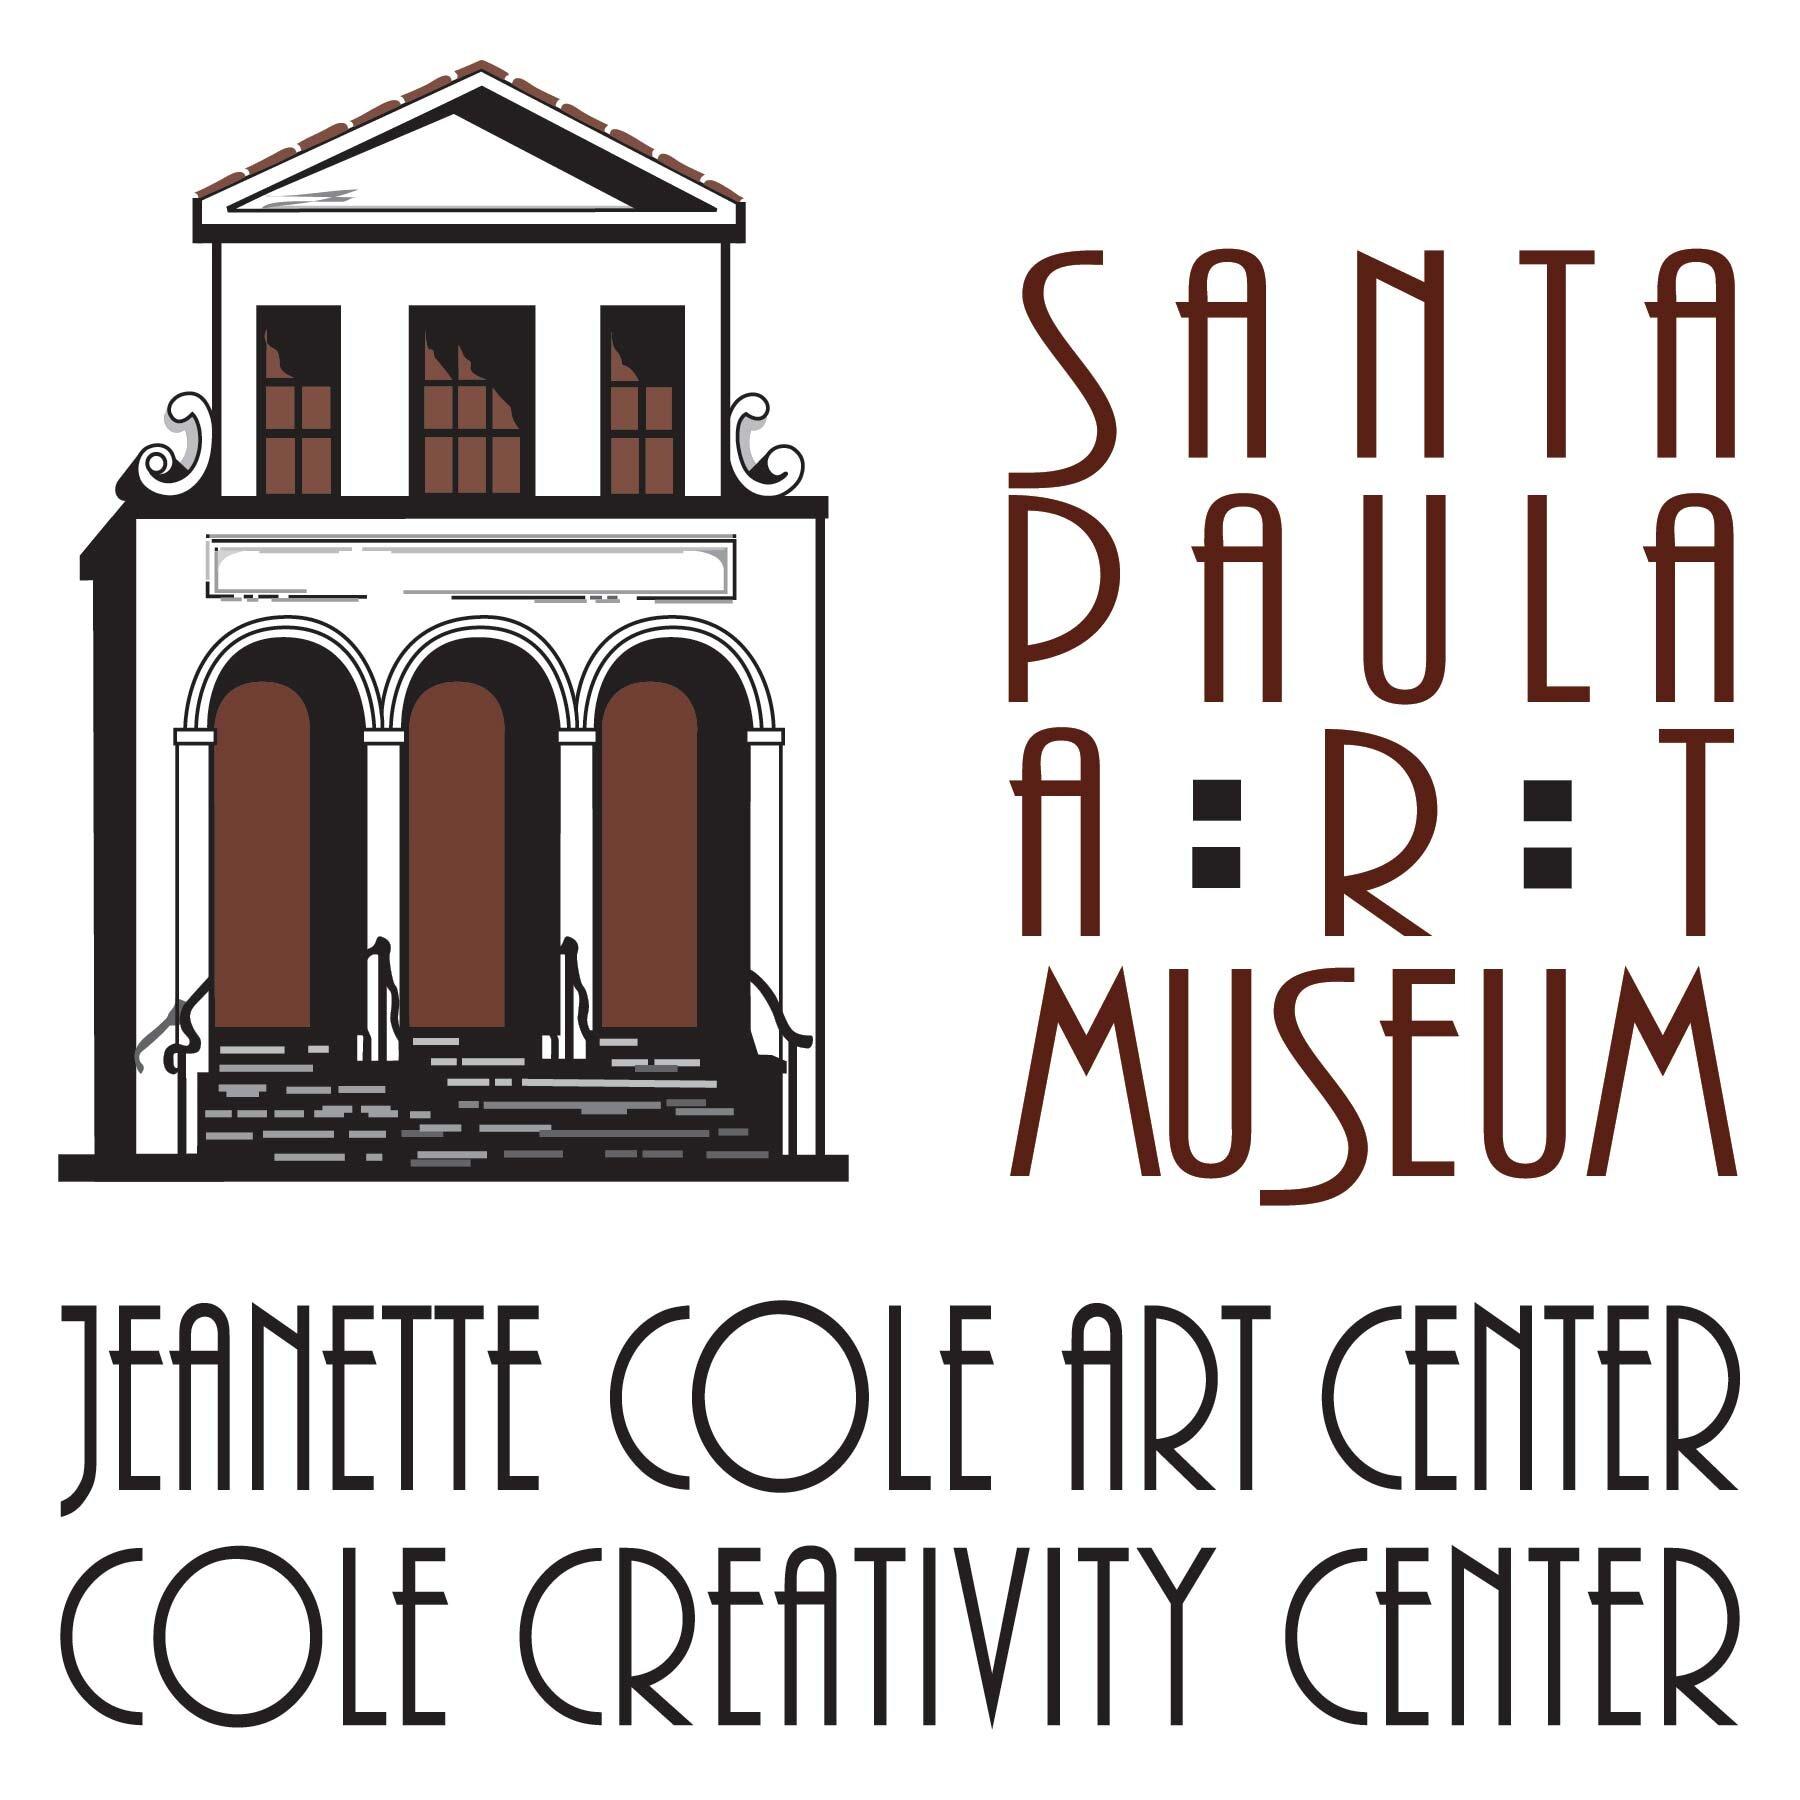 SANTA-PAULA-ART-MUSEUM-LOGO-2-01.jpg